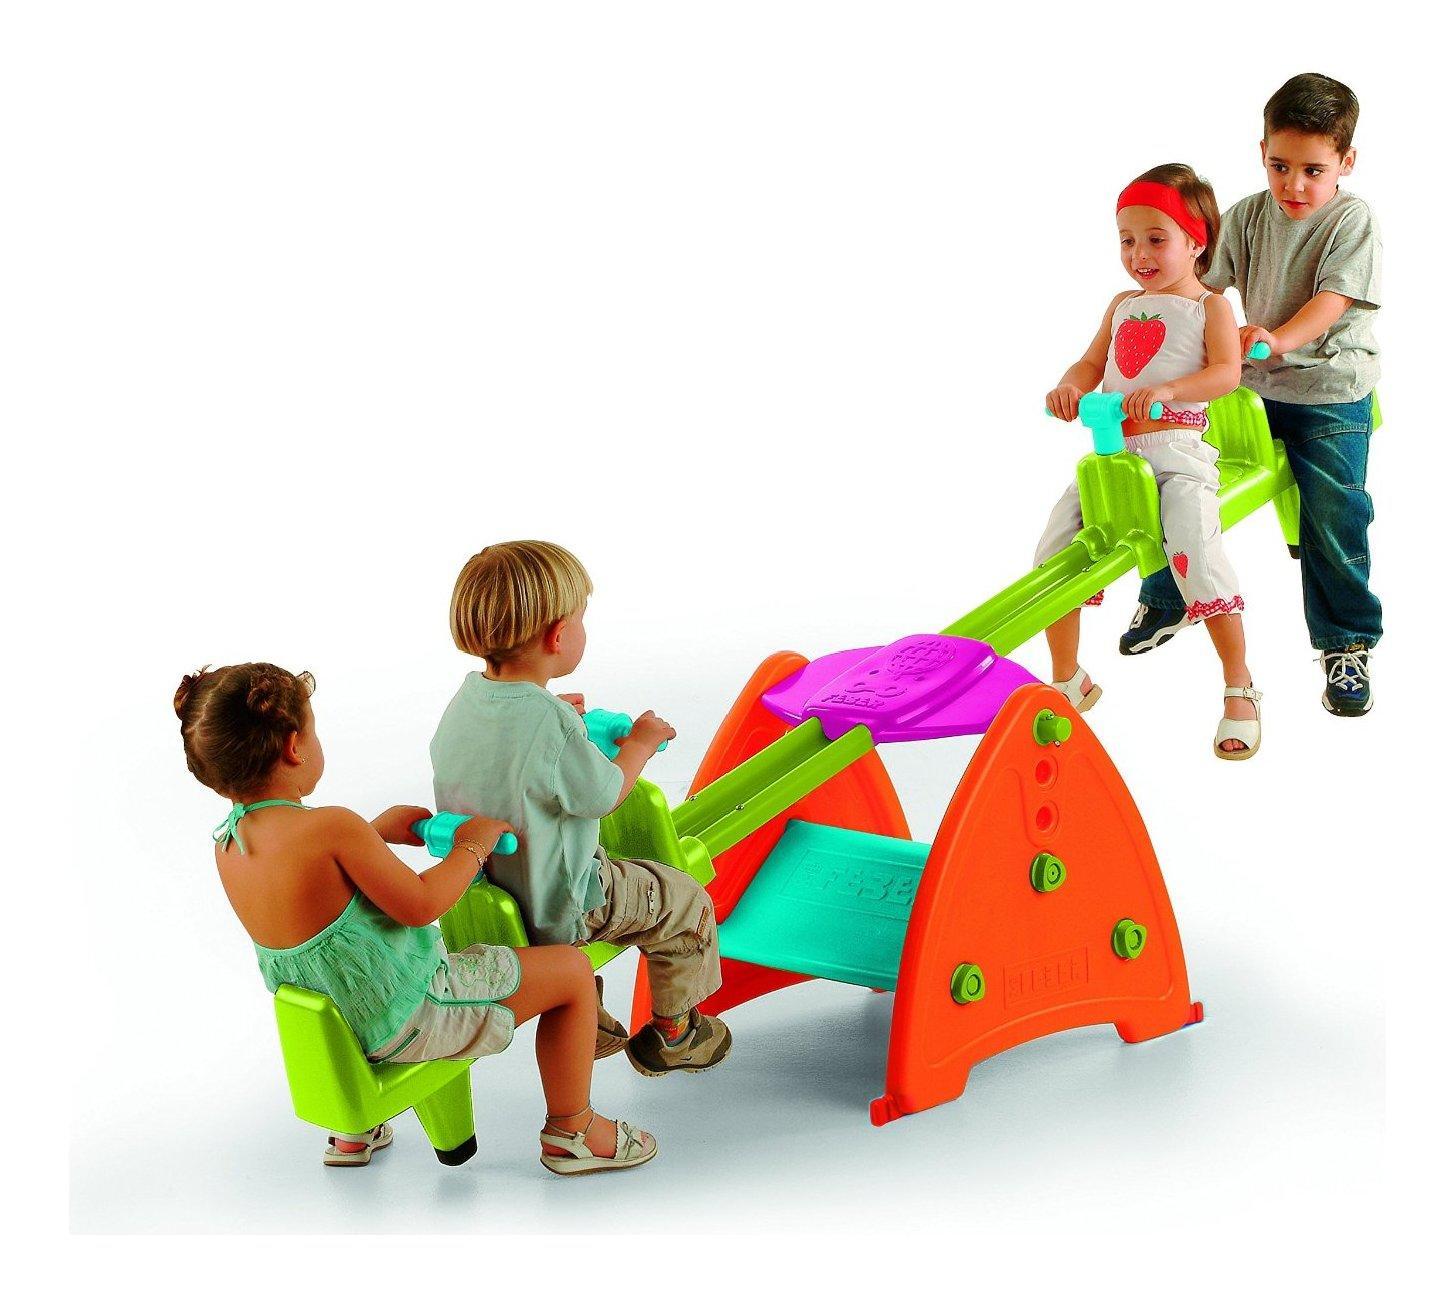 Altalena dondolo doppio da giardino per bambini 2 2 famosa for Altalena da giardino per bambini chicco